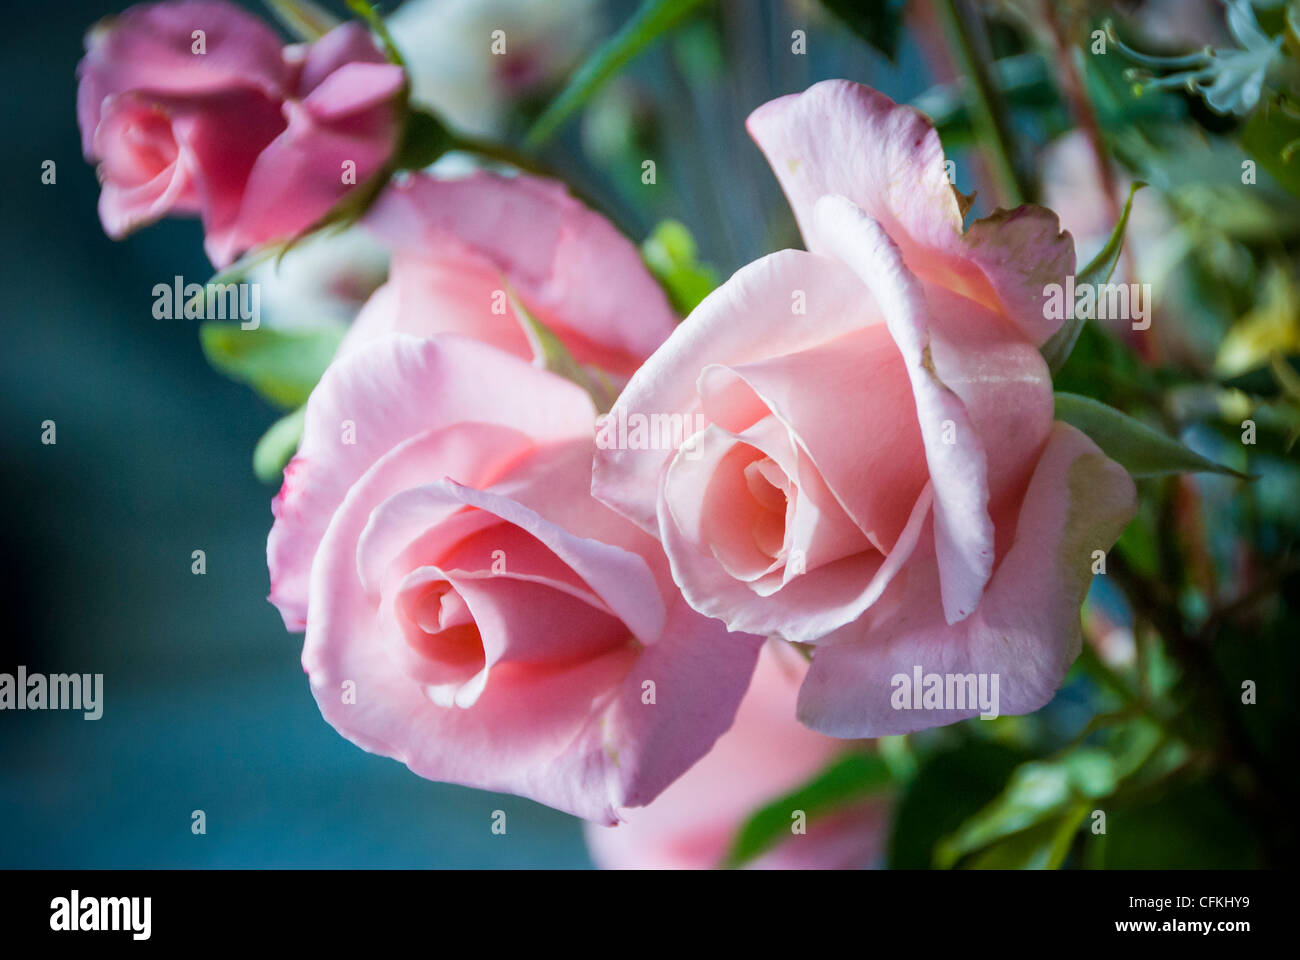 Détail de bouquet de roses rose tendre Photo Stock